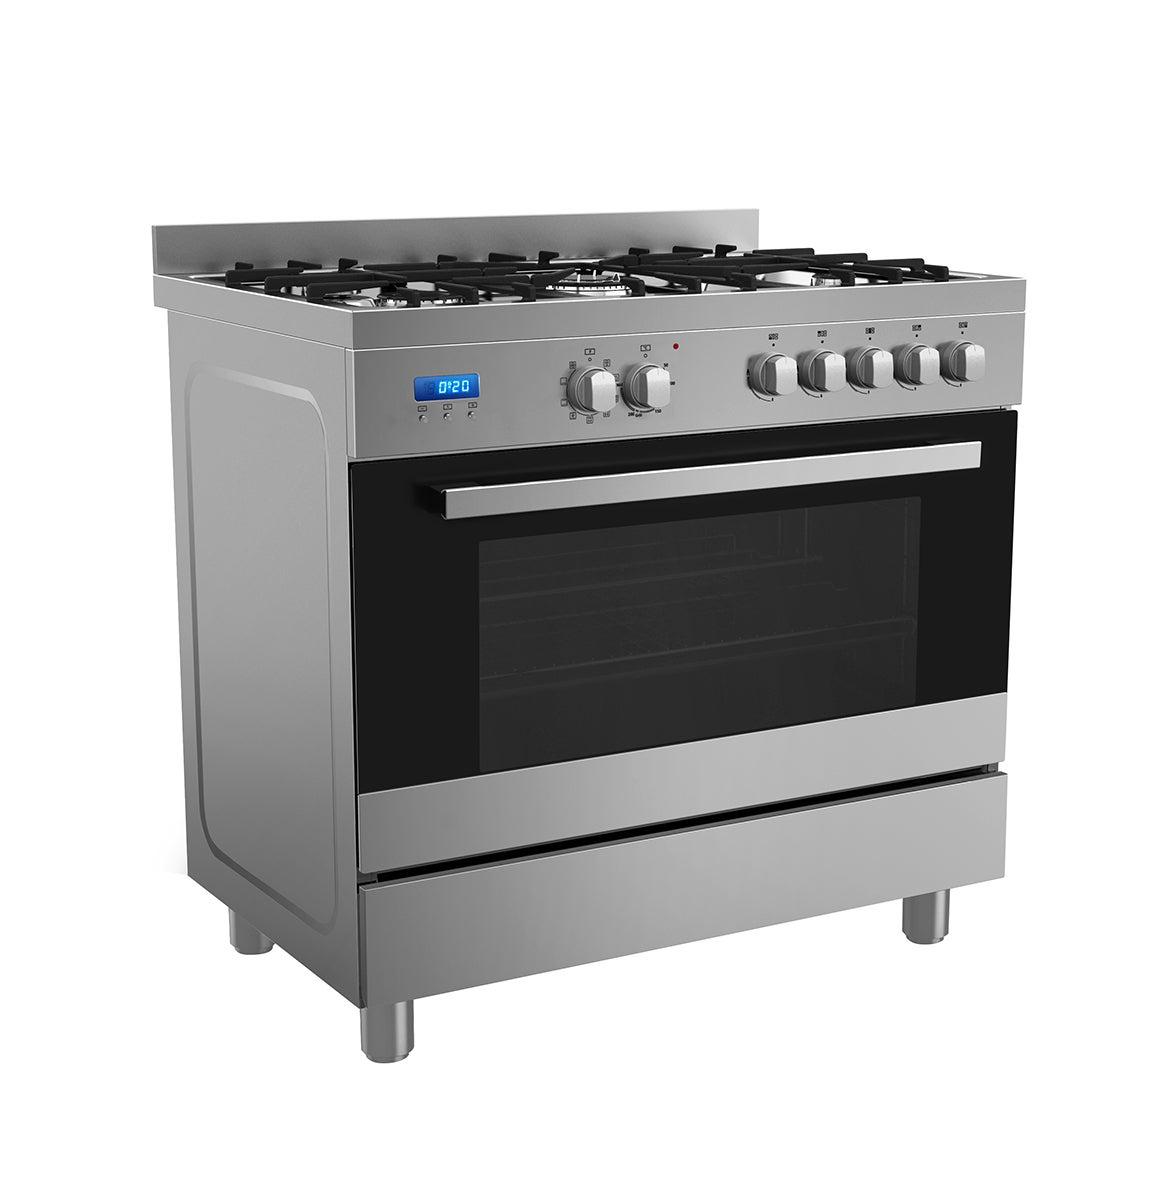 Midea 36SME5GFR00P48 Oven